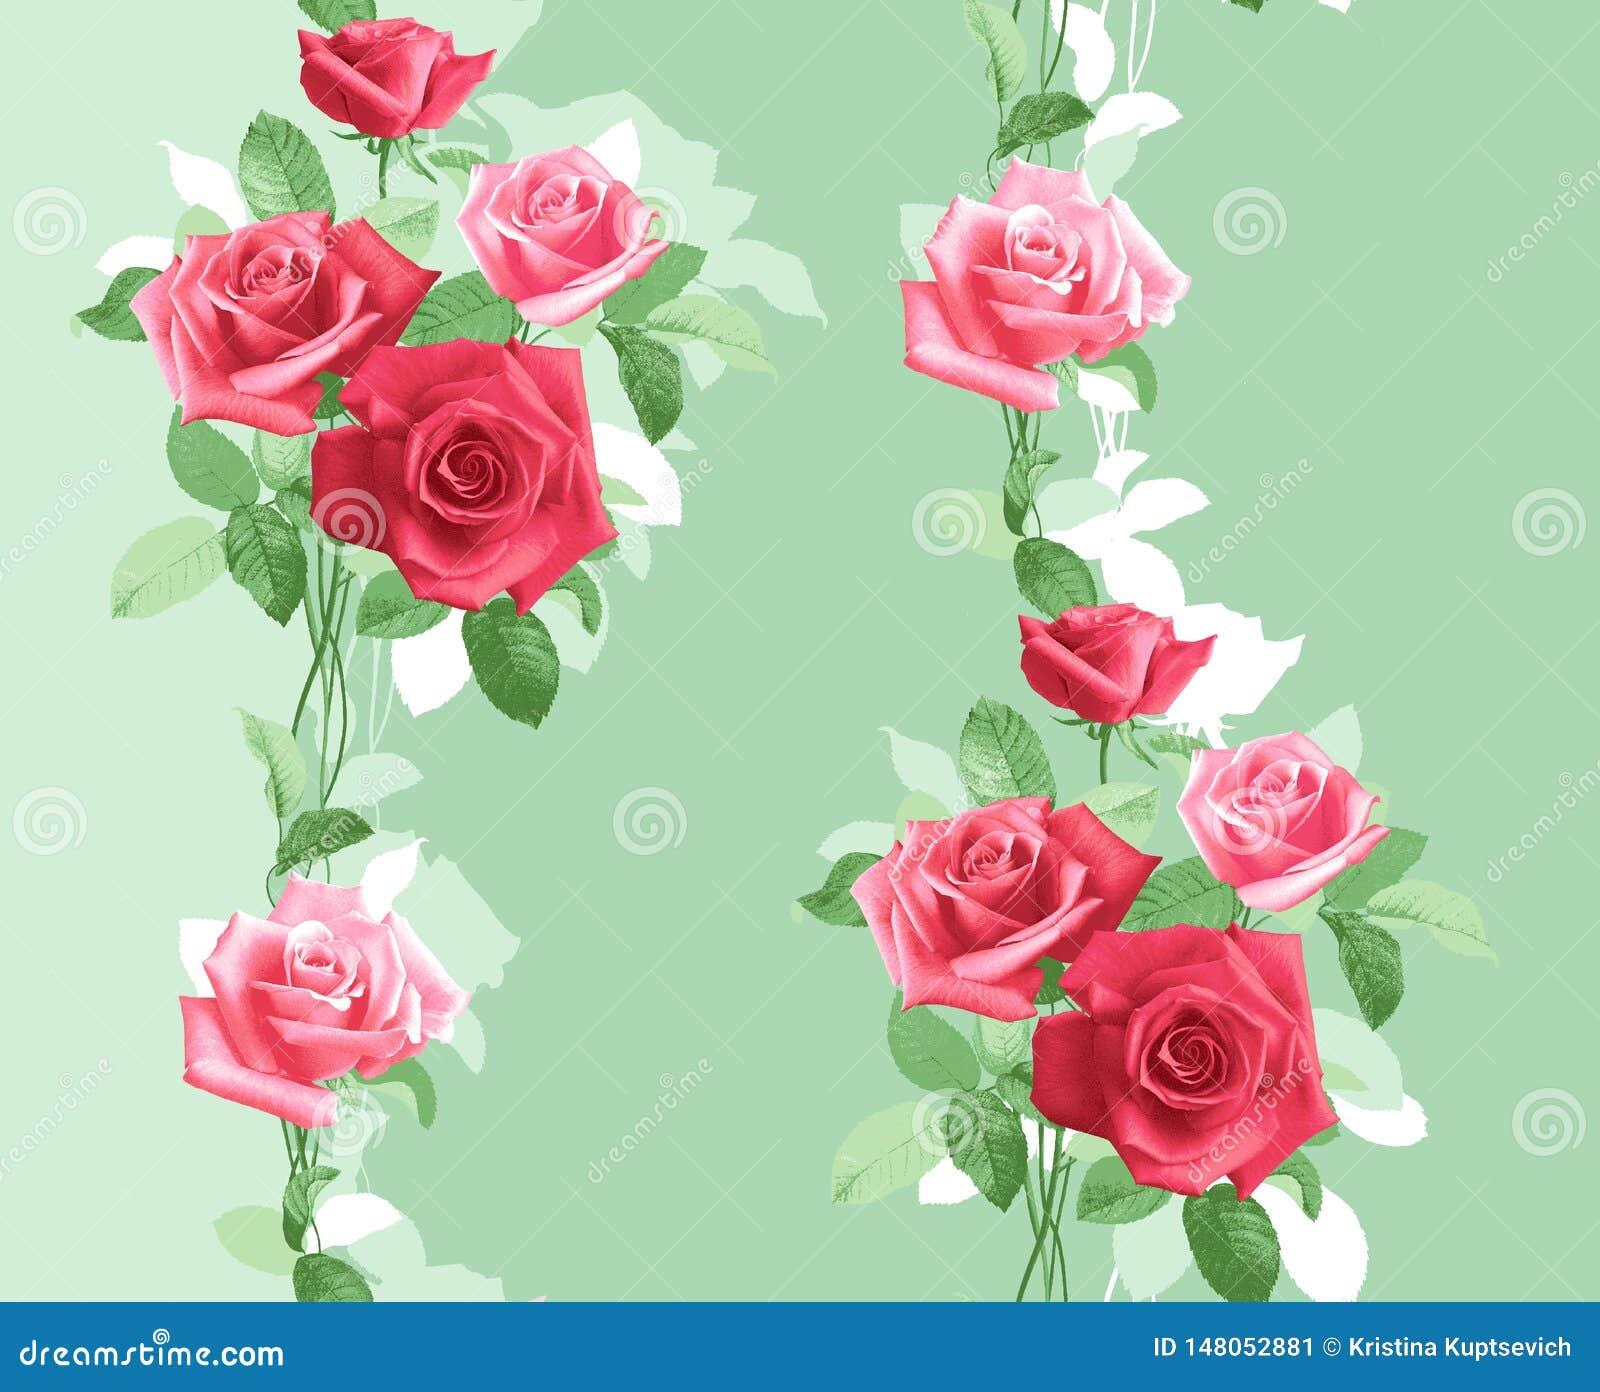 Verticalement répété modèle des roses roses sensibles